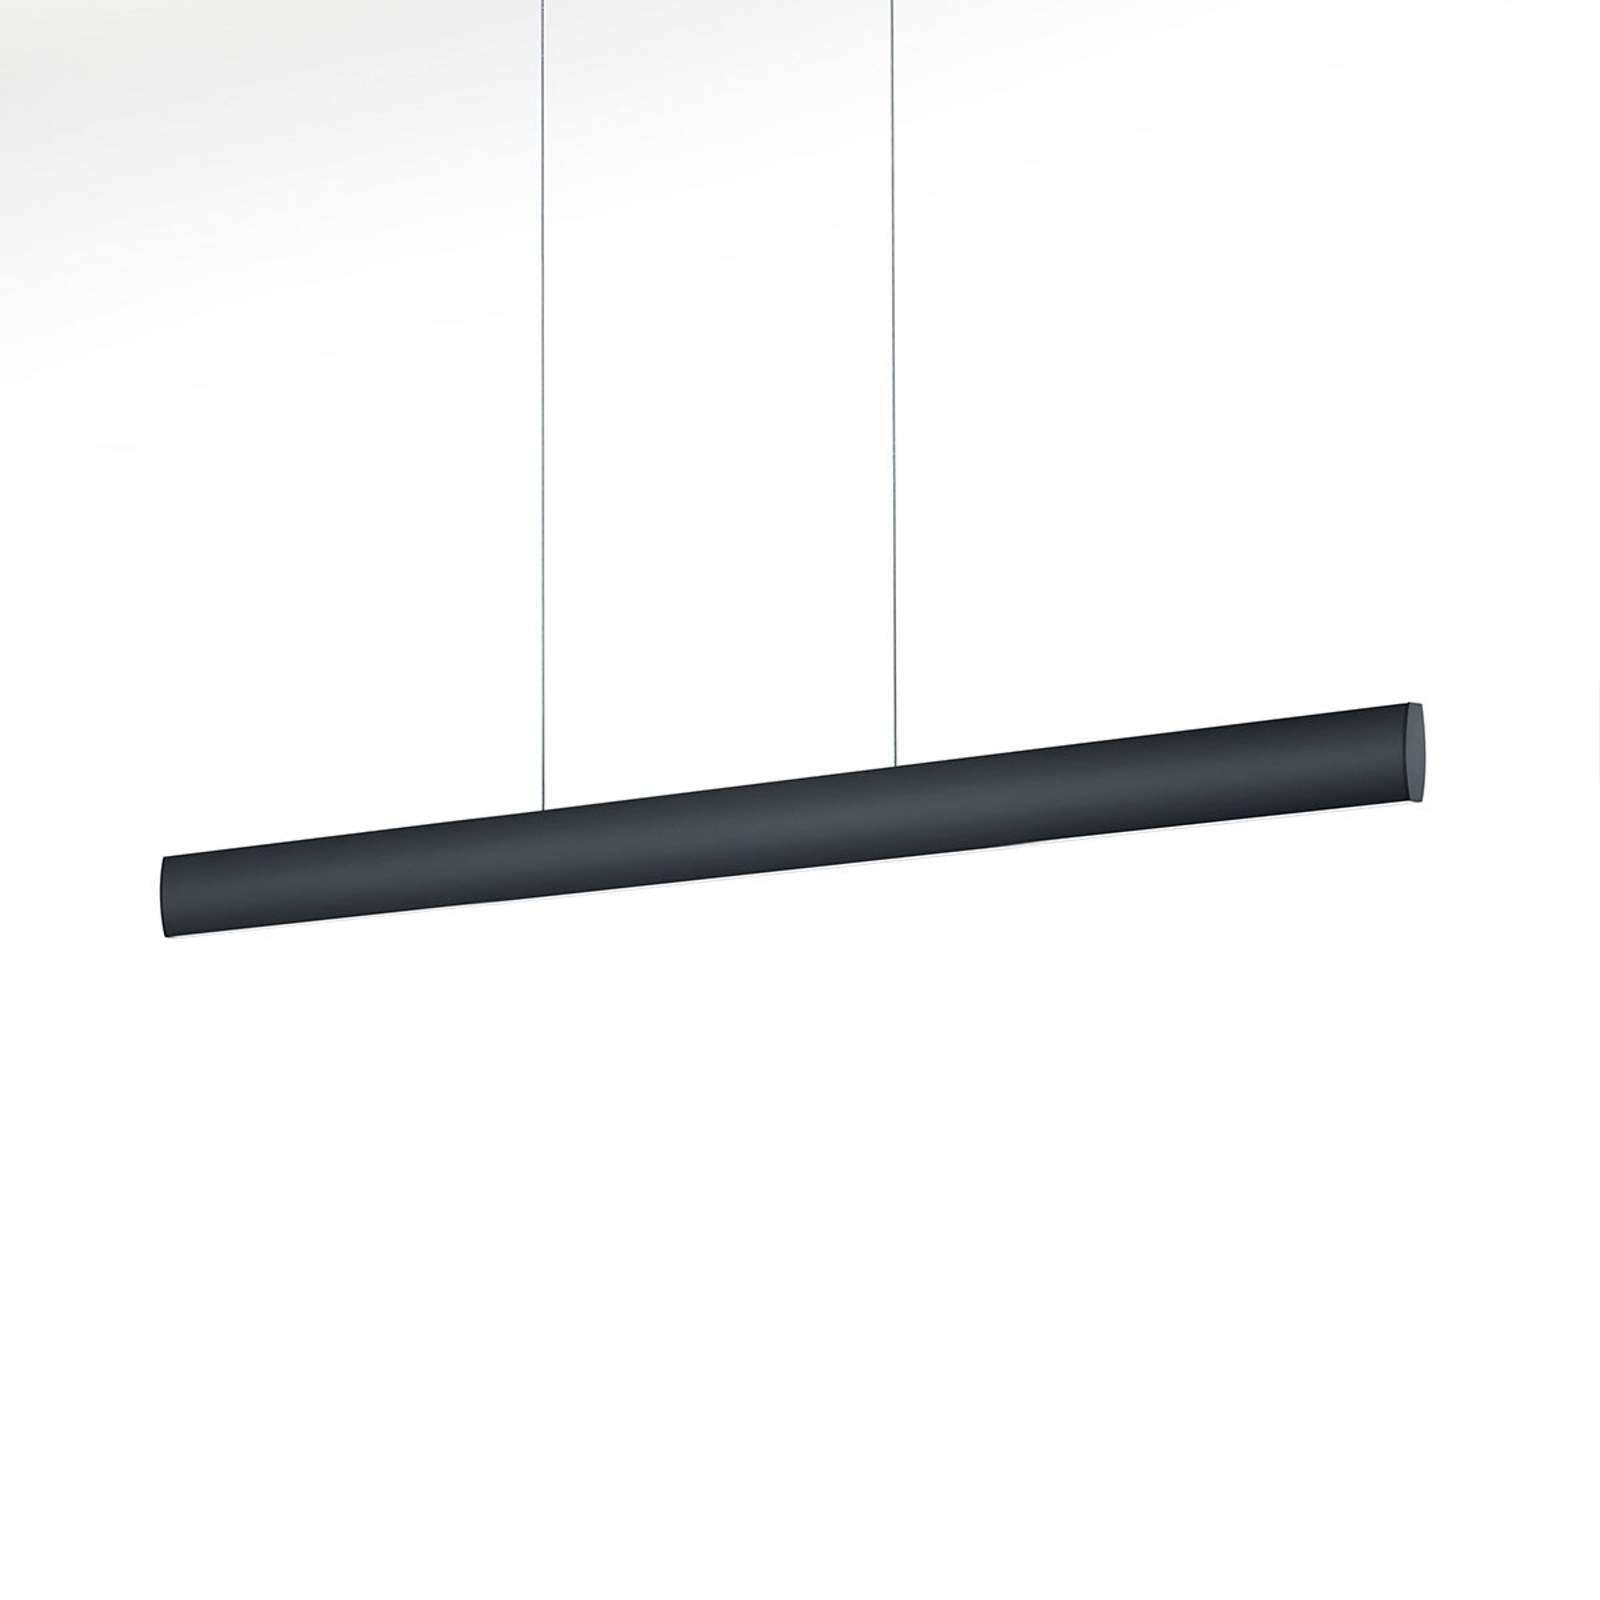 LED-riippuvalaisin Runa, musta, pituus 92 cm